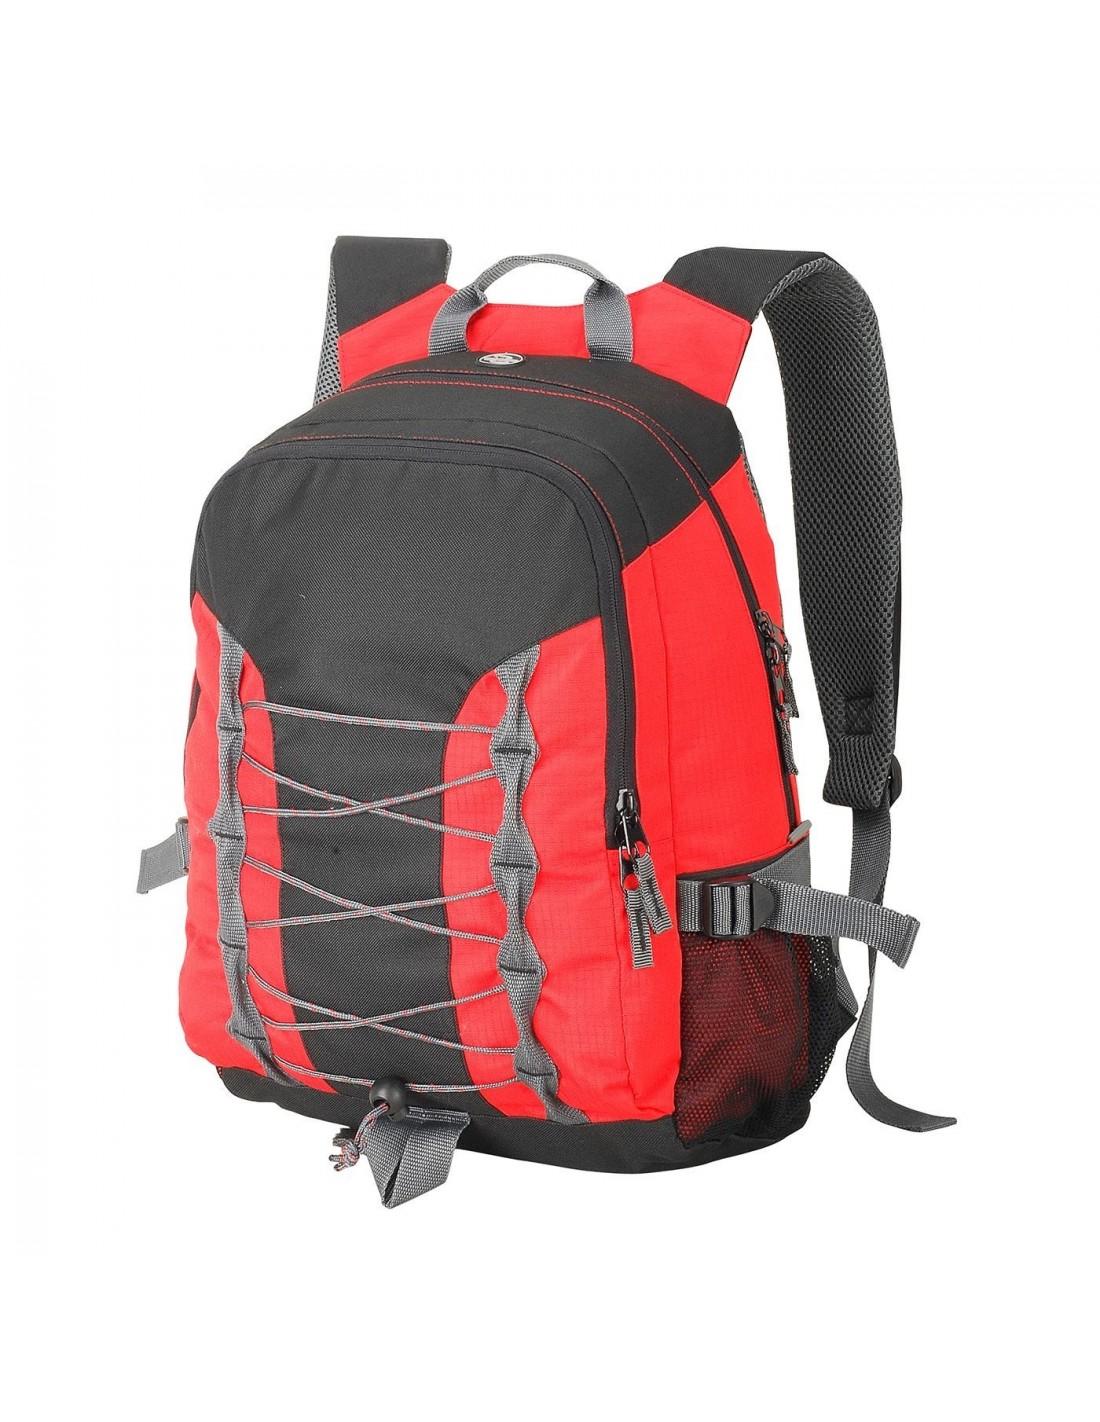 bc762c7b253d5 Plecak Miami Shugon z własnym nadrukiem